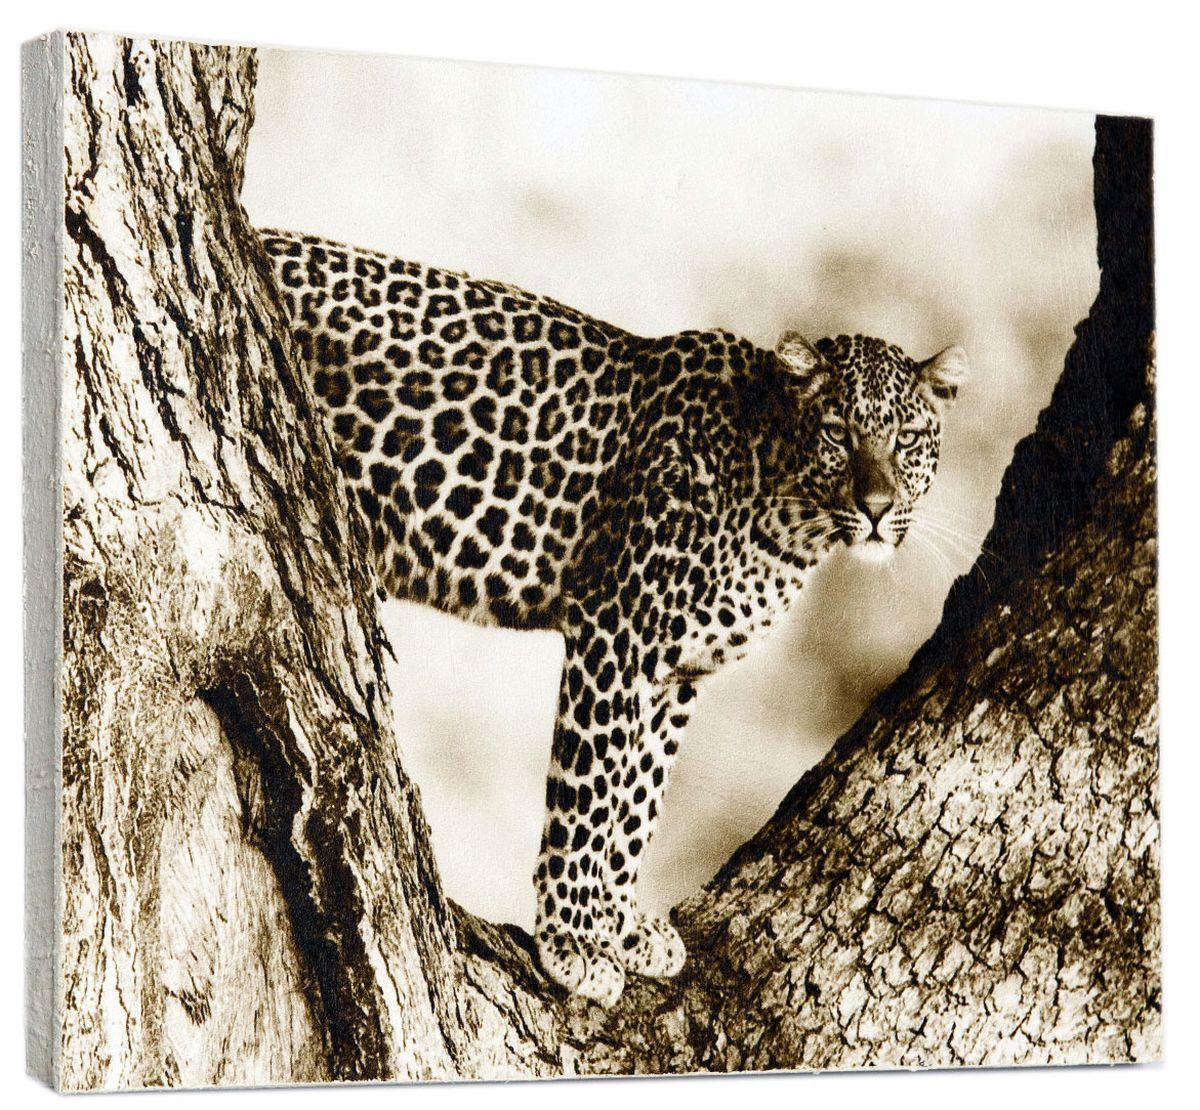 Картина Mister Poster Ягуар на дереве, 30 х 24 см0149-24-30Картина Mister Poster - это высококачественная репродукция на деревянной раме. Лицевая поверхность имитирует штукатурку или натуральный холст, края окрашены вручную специальным декоративным составом. Современные технологии, уникальное оборудование и оригинальные чернила, используемые при изготовлении, делают постер устойчивым к выцветанию, а также гарантируют стойкость к воздействию негативных внешних факторов. Интерьер дома и офиса, в котором находится человек, в значительной степени влияет на его настроение и работоспособность. Правильное оформление интерьера создает благоприятный психологический климат, улучшает настроение и мотивирует. Добавьте «красок» в ваш интерьер и, возможно, в вашу жизнь.